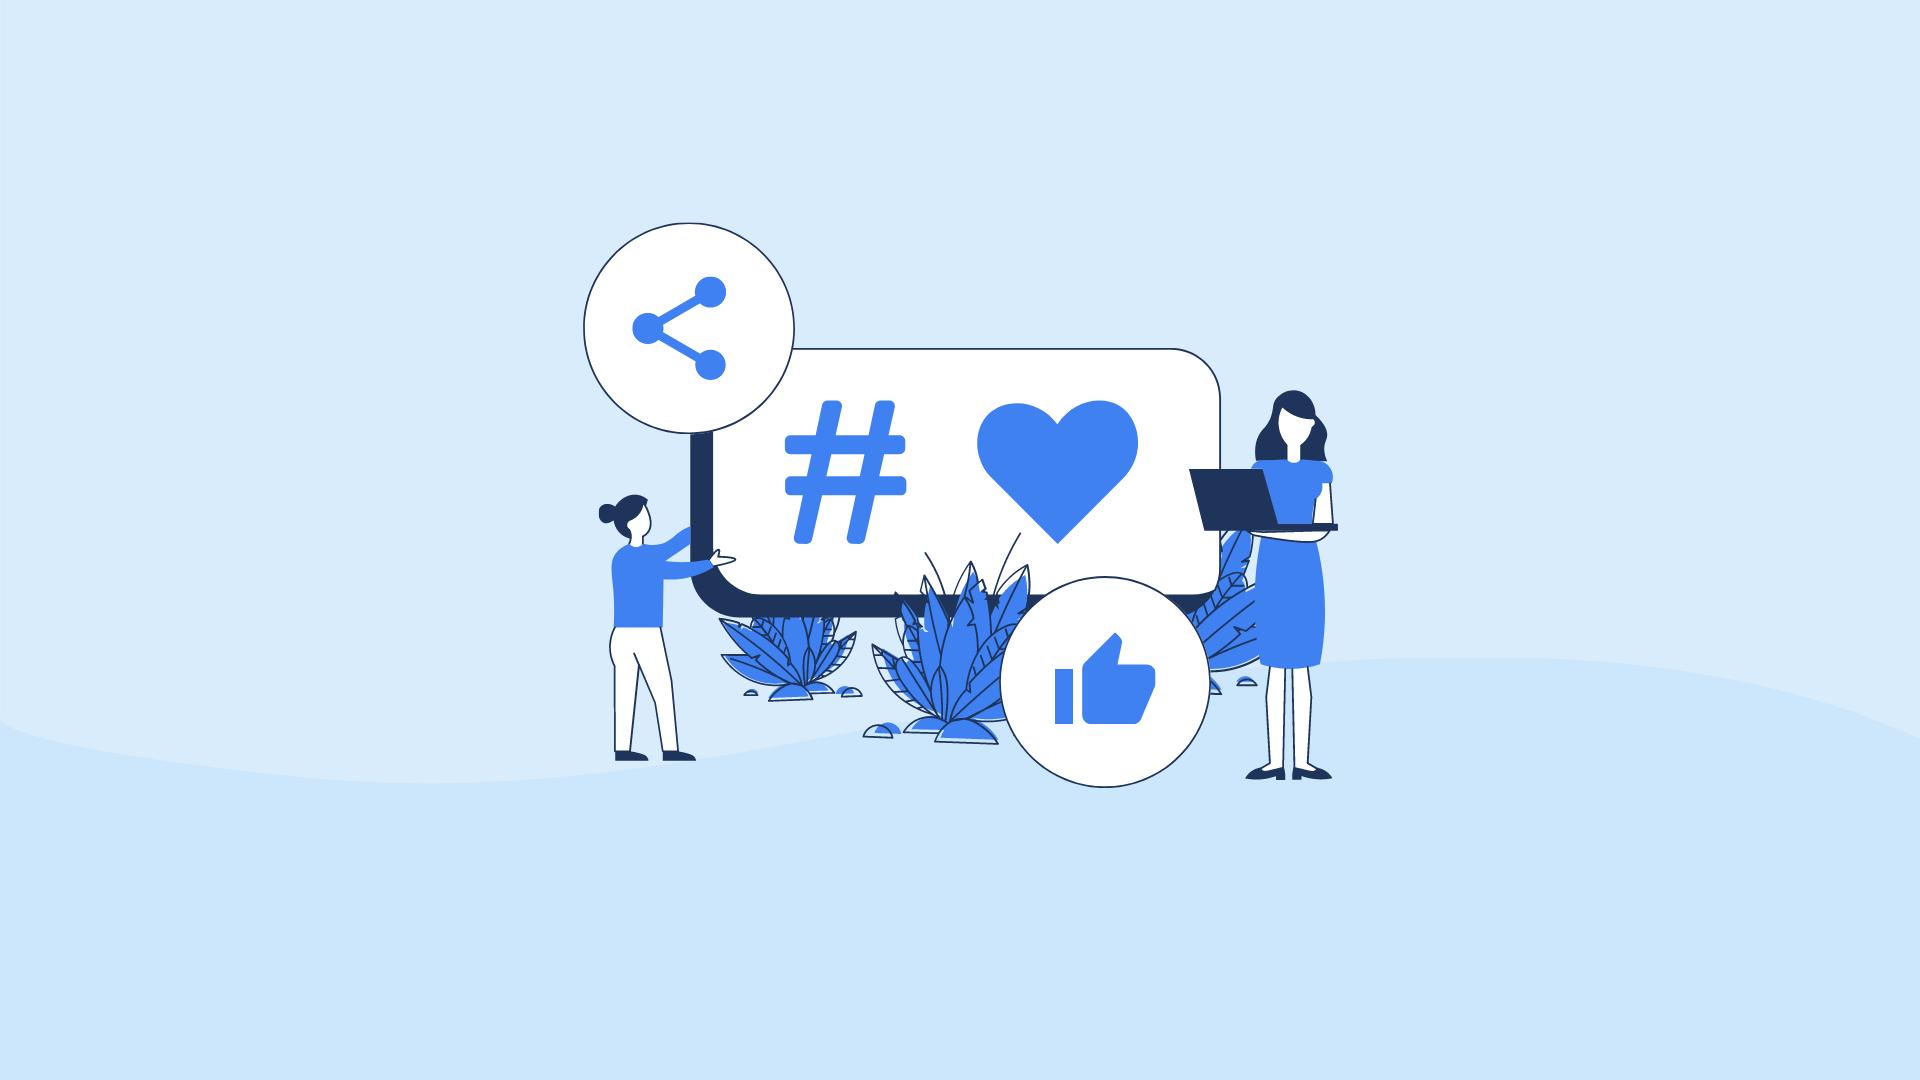 نرخ تعامل یا Engagement چیست؟